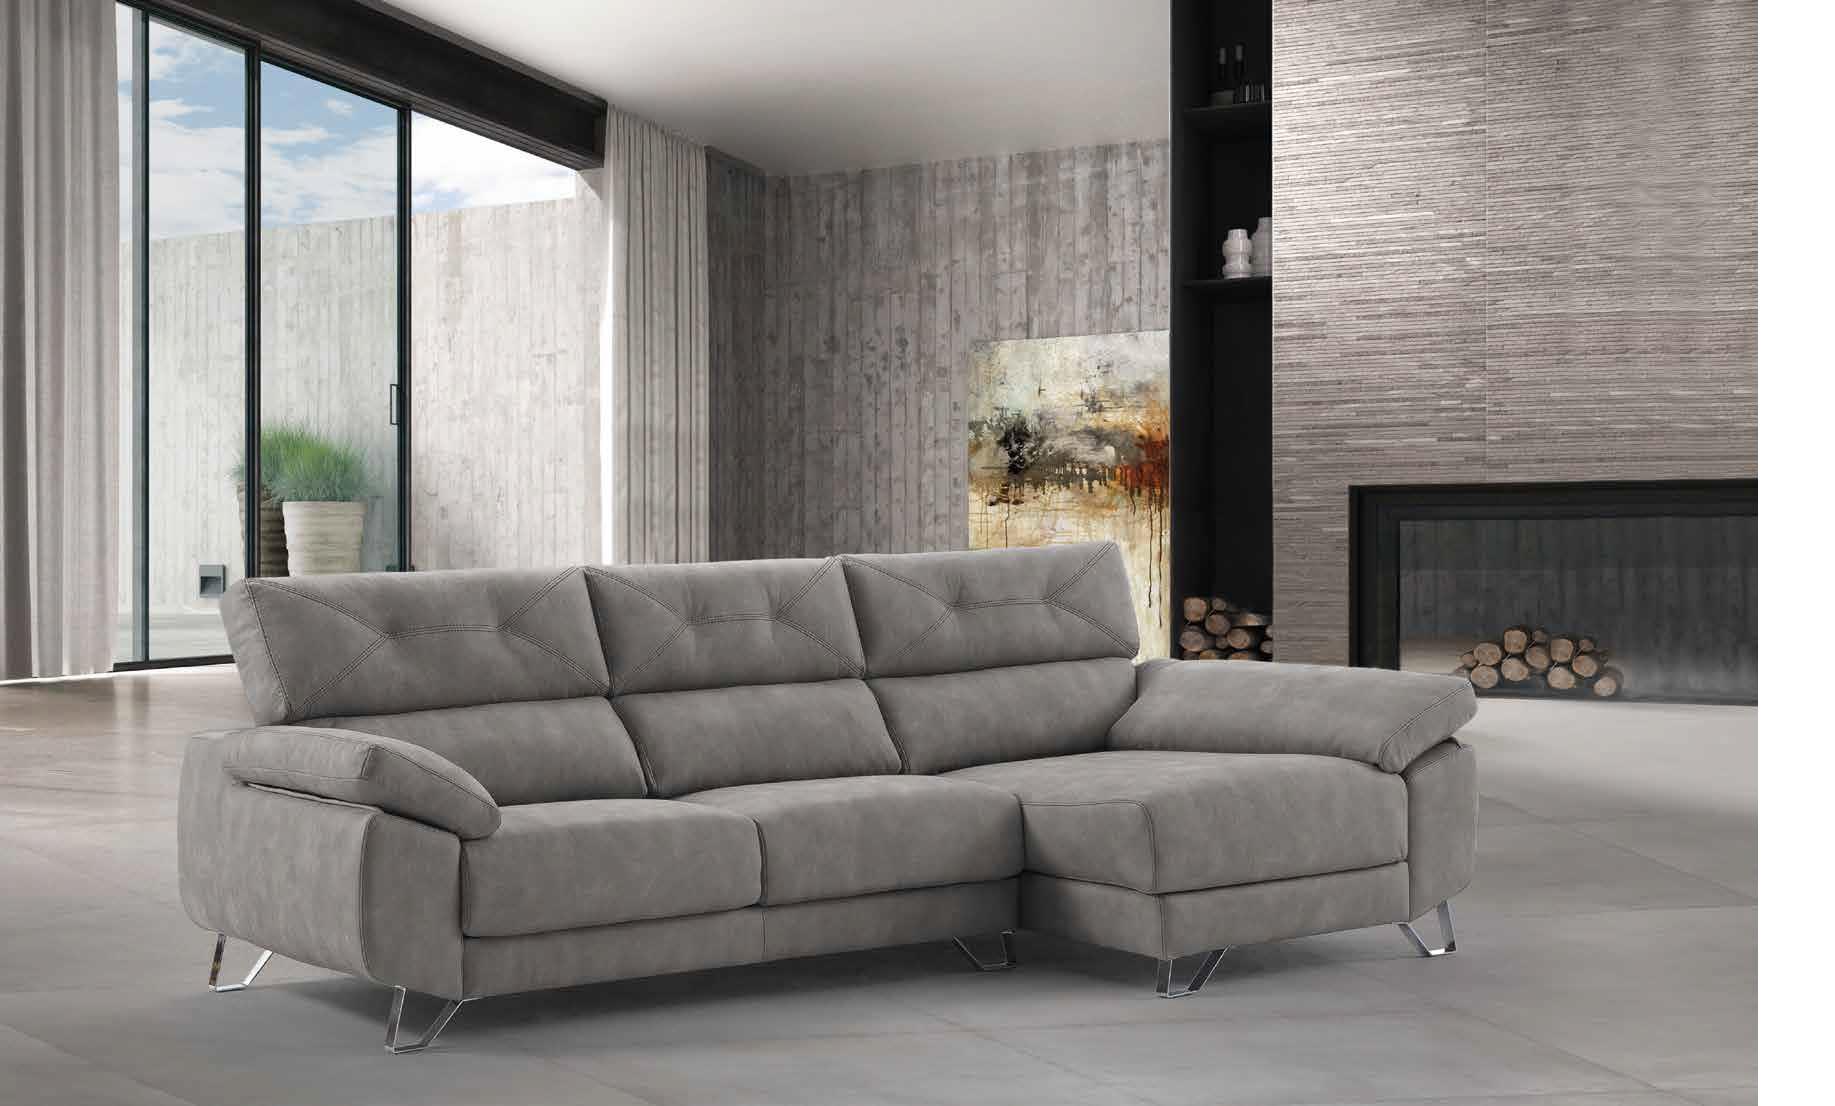 Sofá_Goya_relax de Muebles Toscana